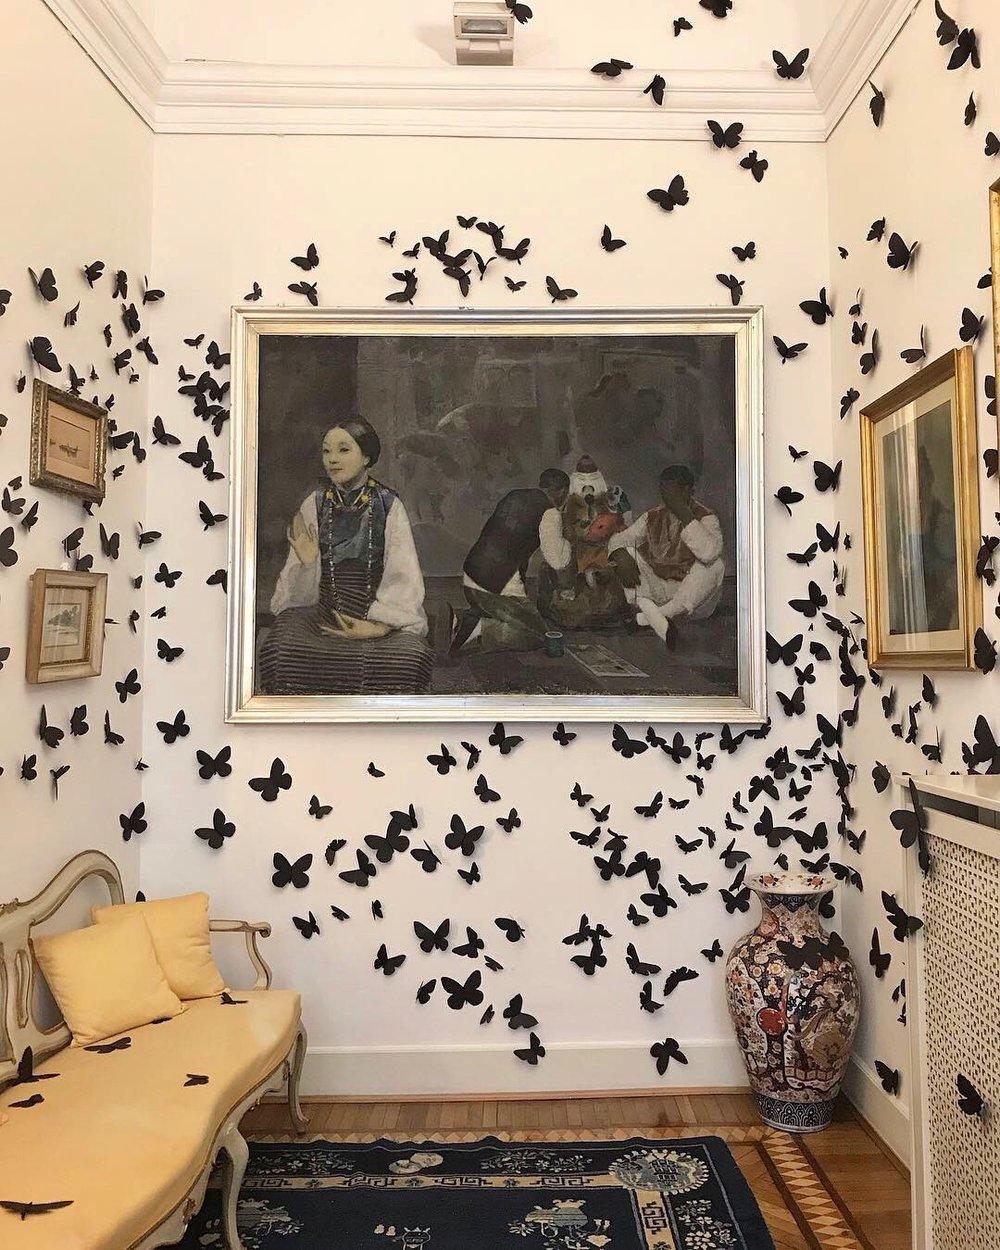 L'Ora Dannata Exhibition by Carlos Amorales at the Adolfo Pine Foundation